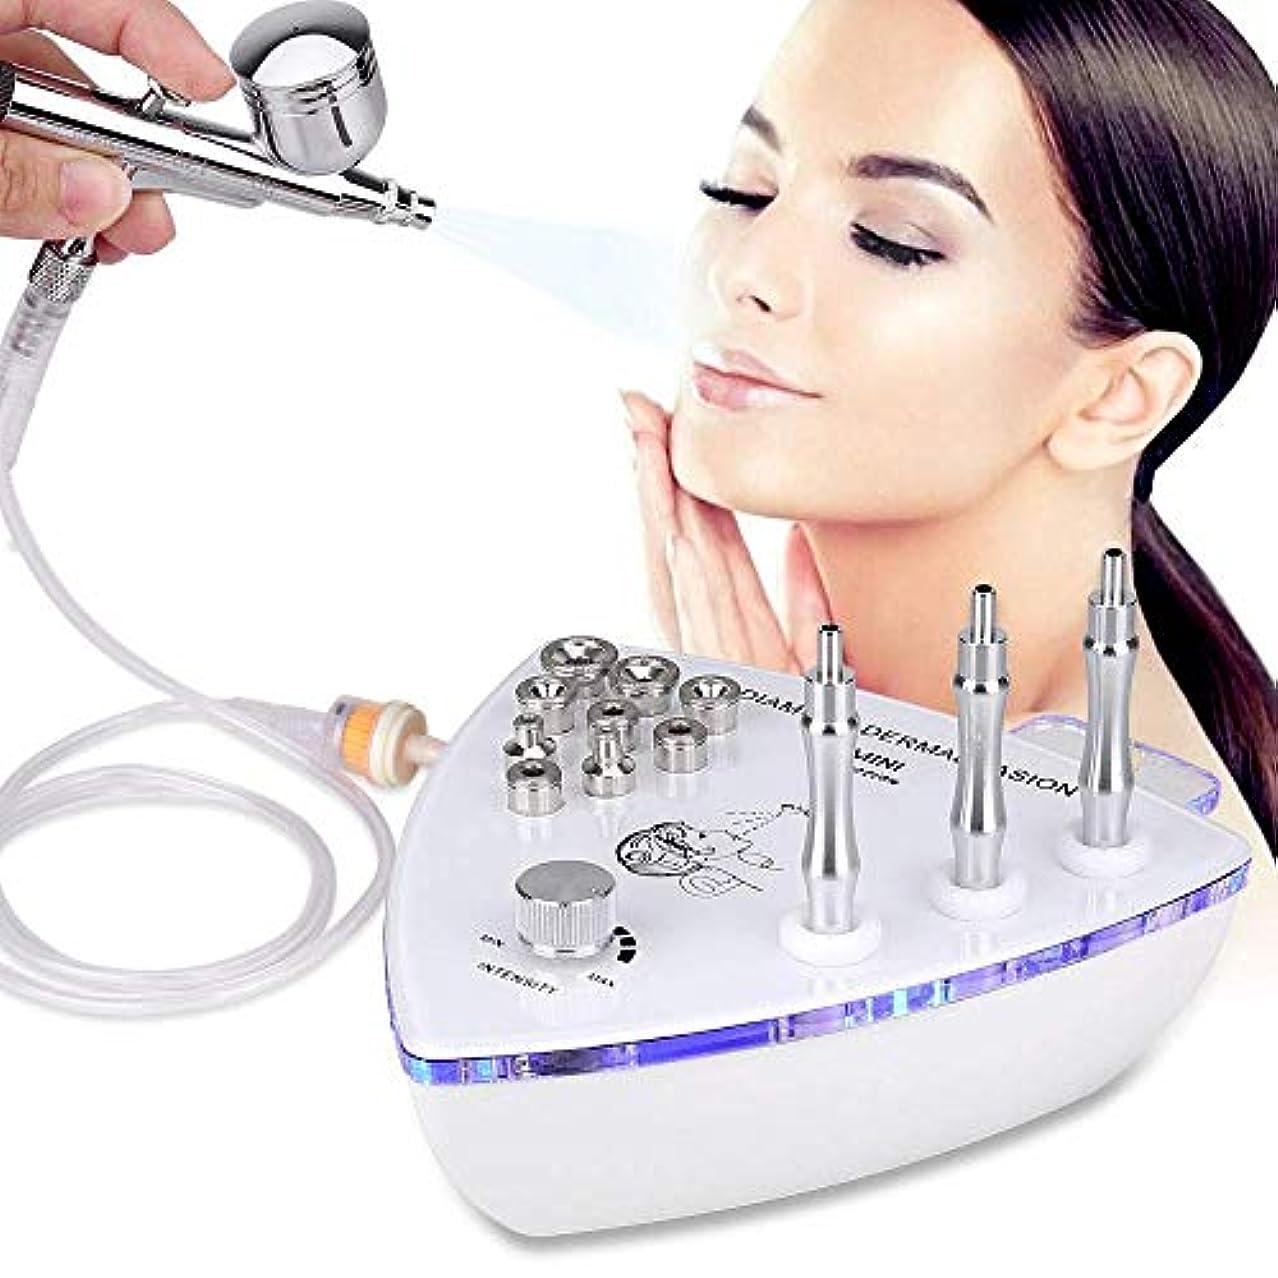 クルーズ推論ビジュアルスプレーガン、プロ用皮膚剥離機、ウォータースプレー剥離顔面美容機付きダイヤモンドマイクロダーマブレーション皮膚剥離機(強力な吸引力:0-68cmHg)